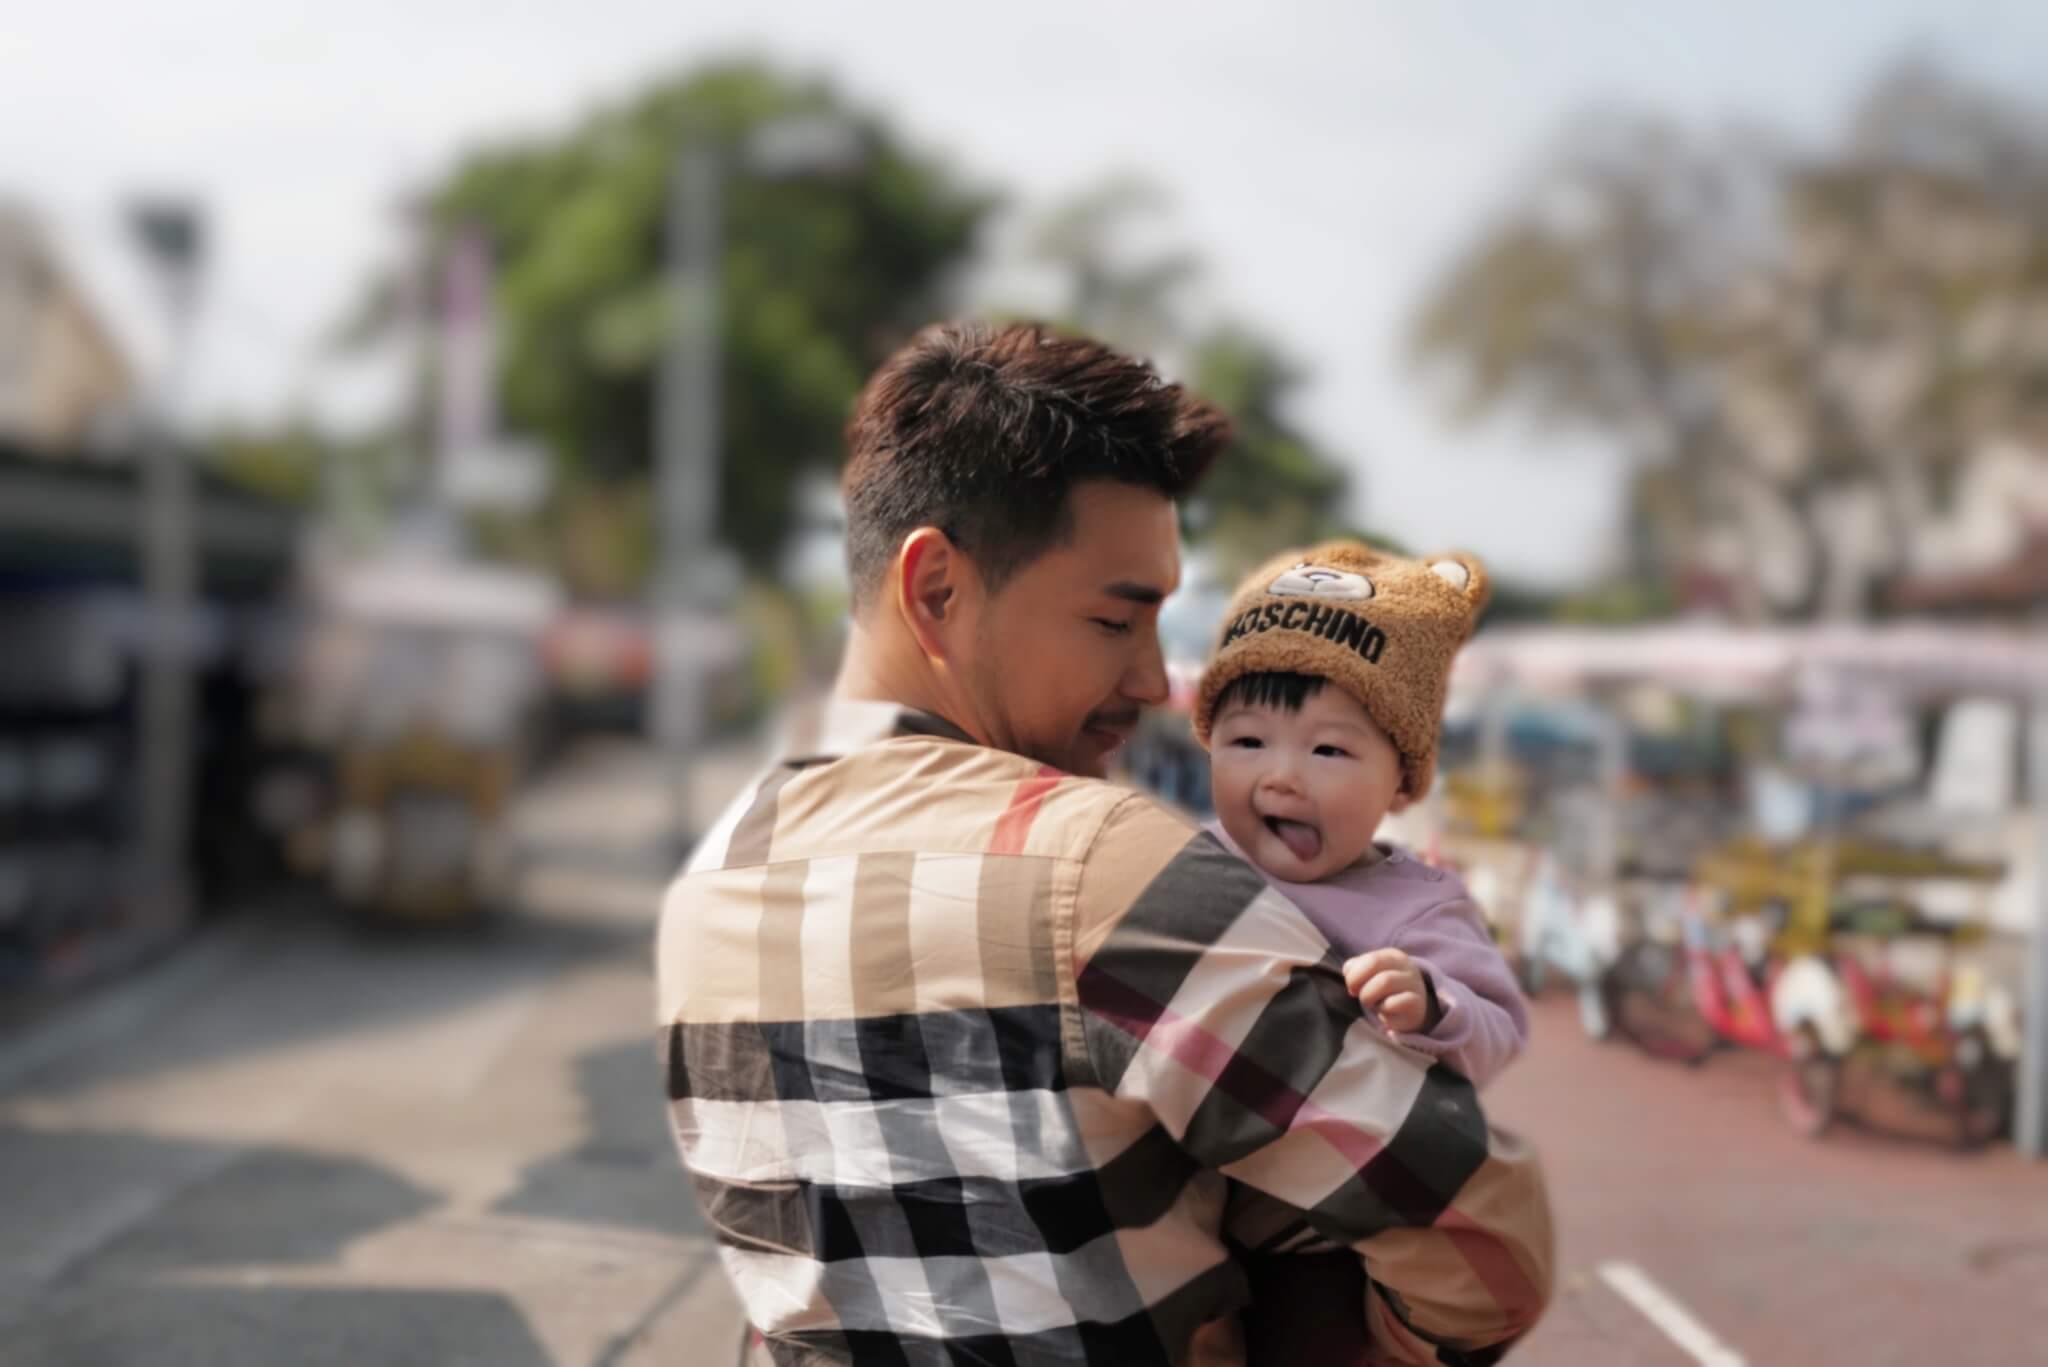 每次出街,展鵬都堅持手抱小豬比,爭取父女相處的時光。